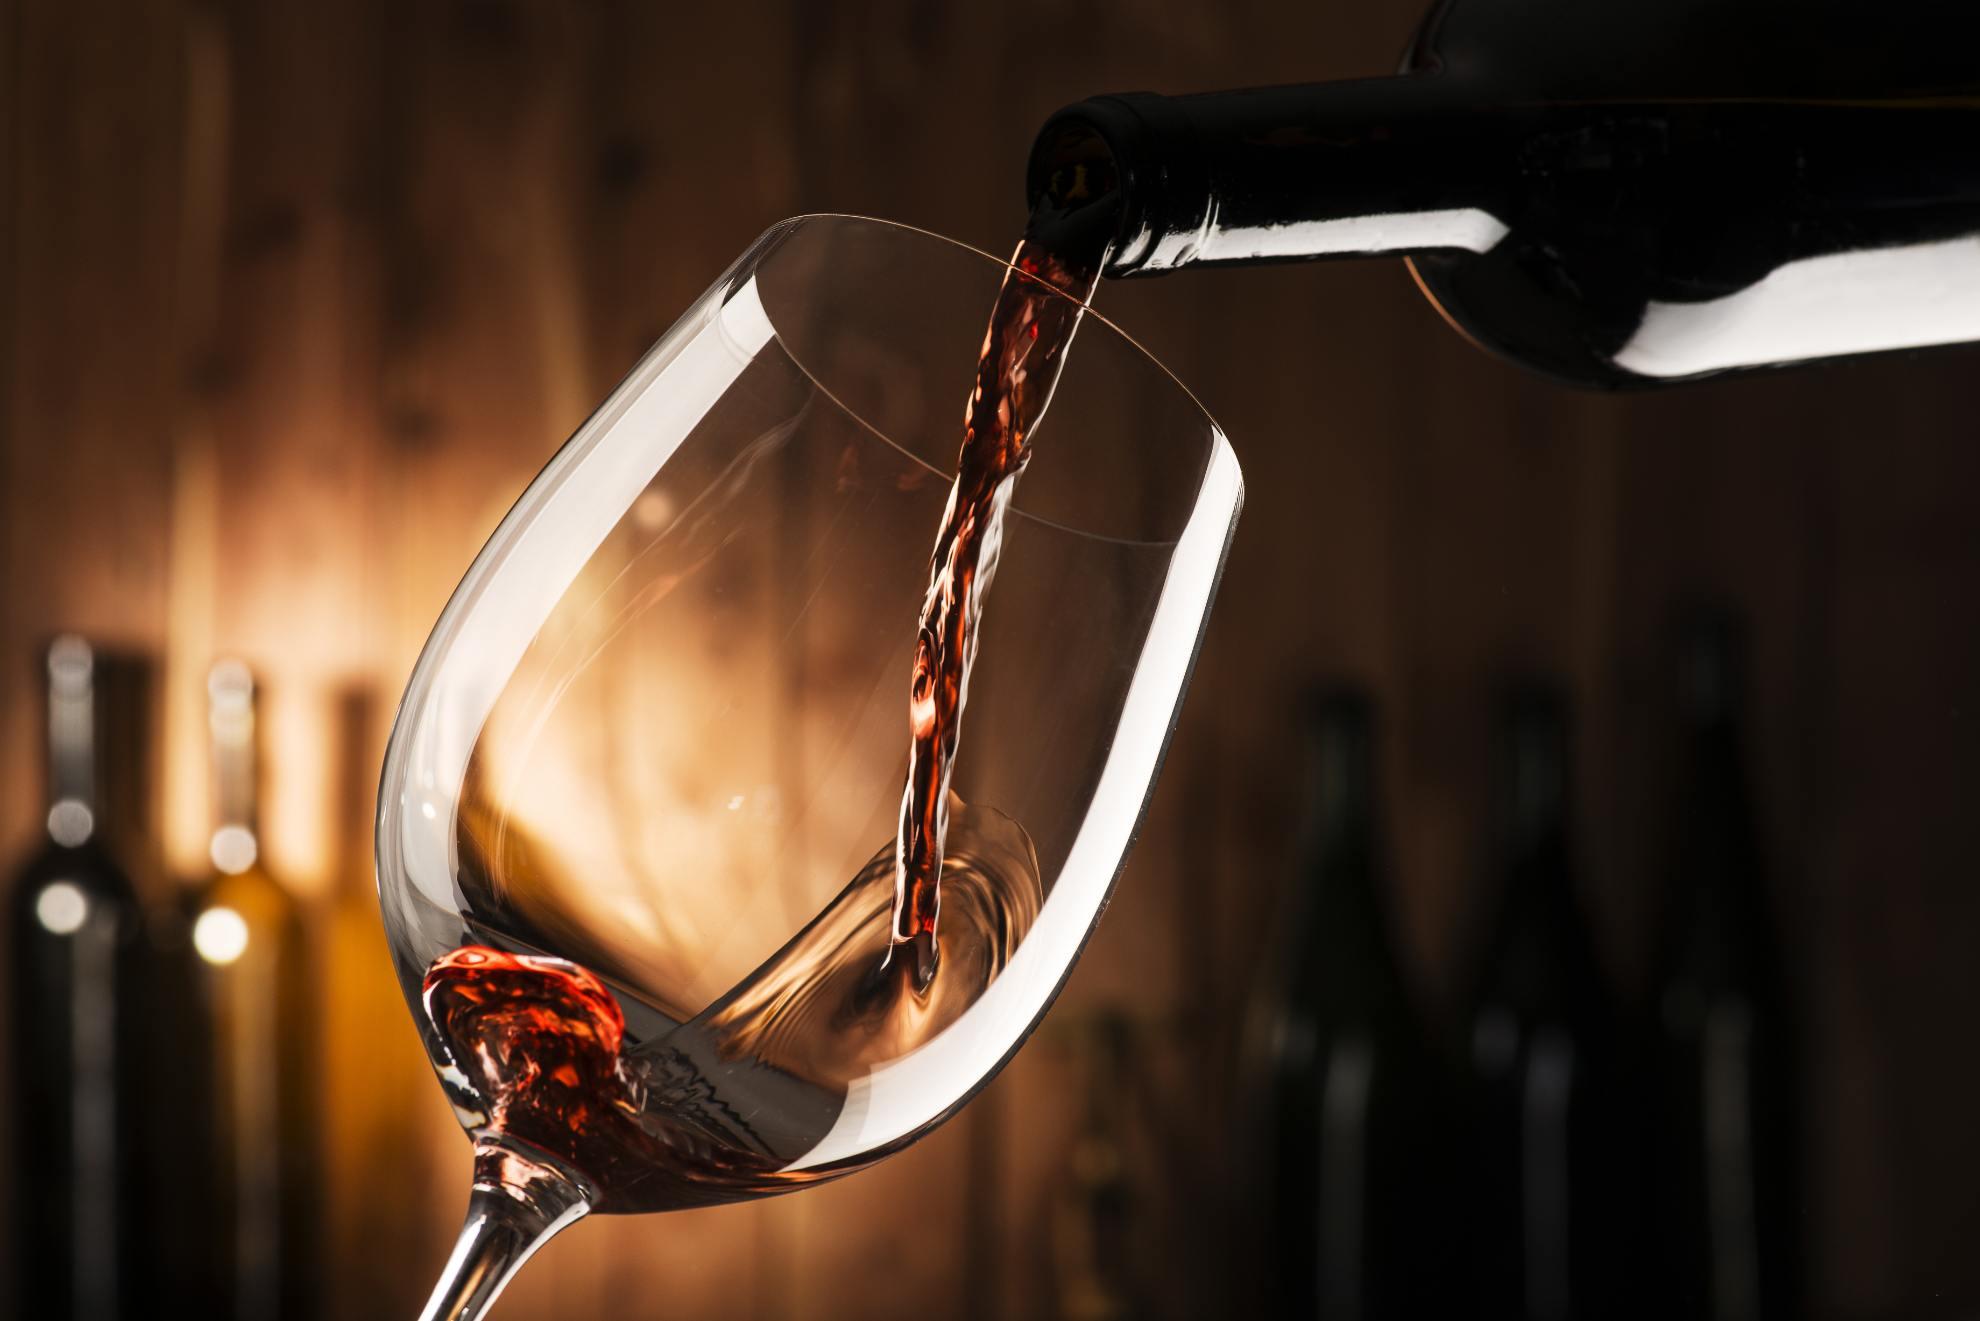 wine-glass-1980px